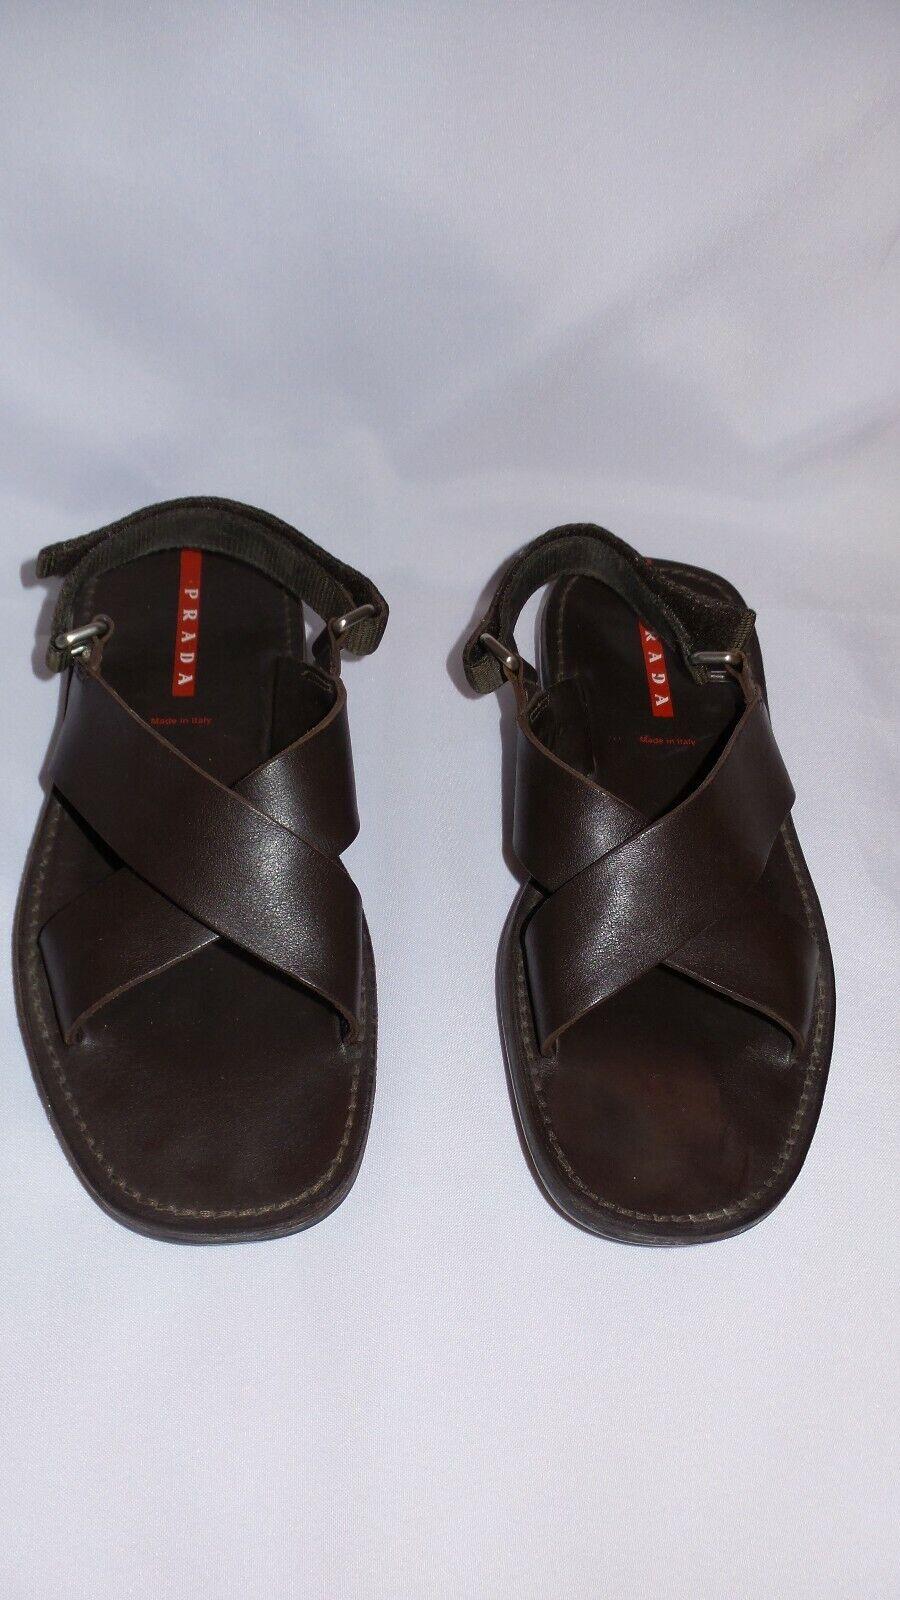 Sandalia de cuero marrón para hombre PRADA Tamaño  6